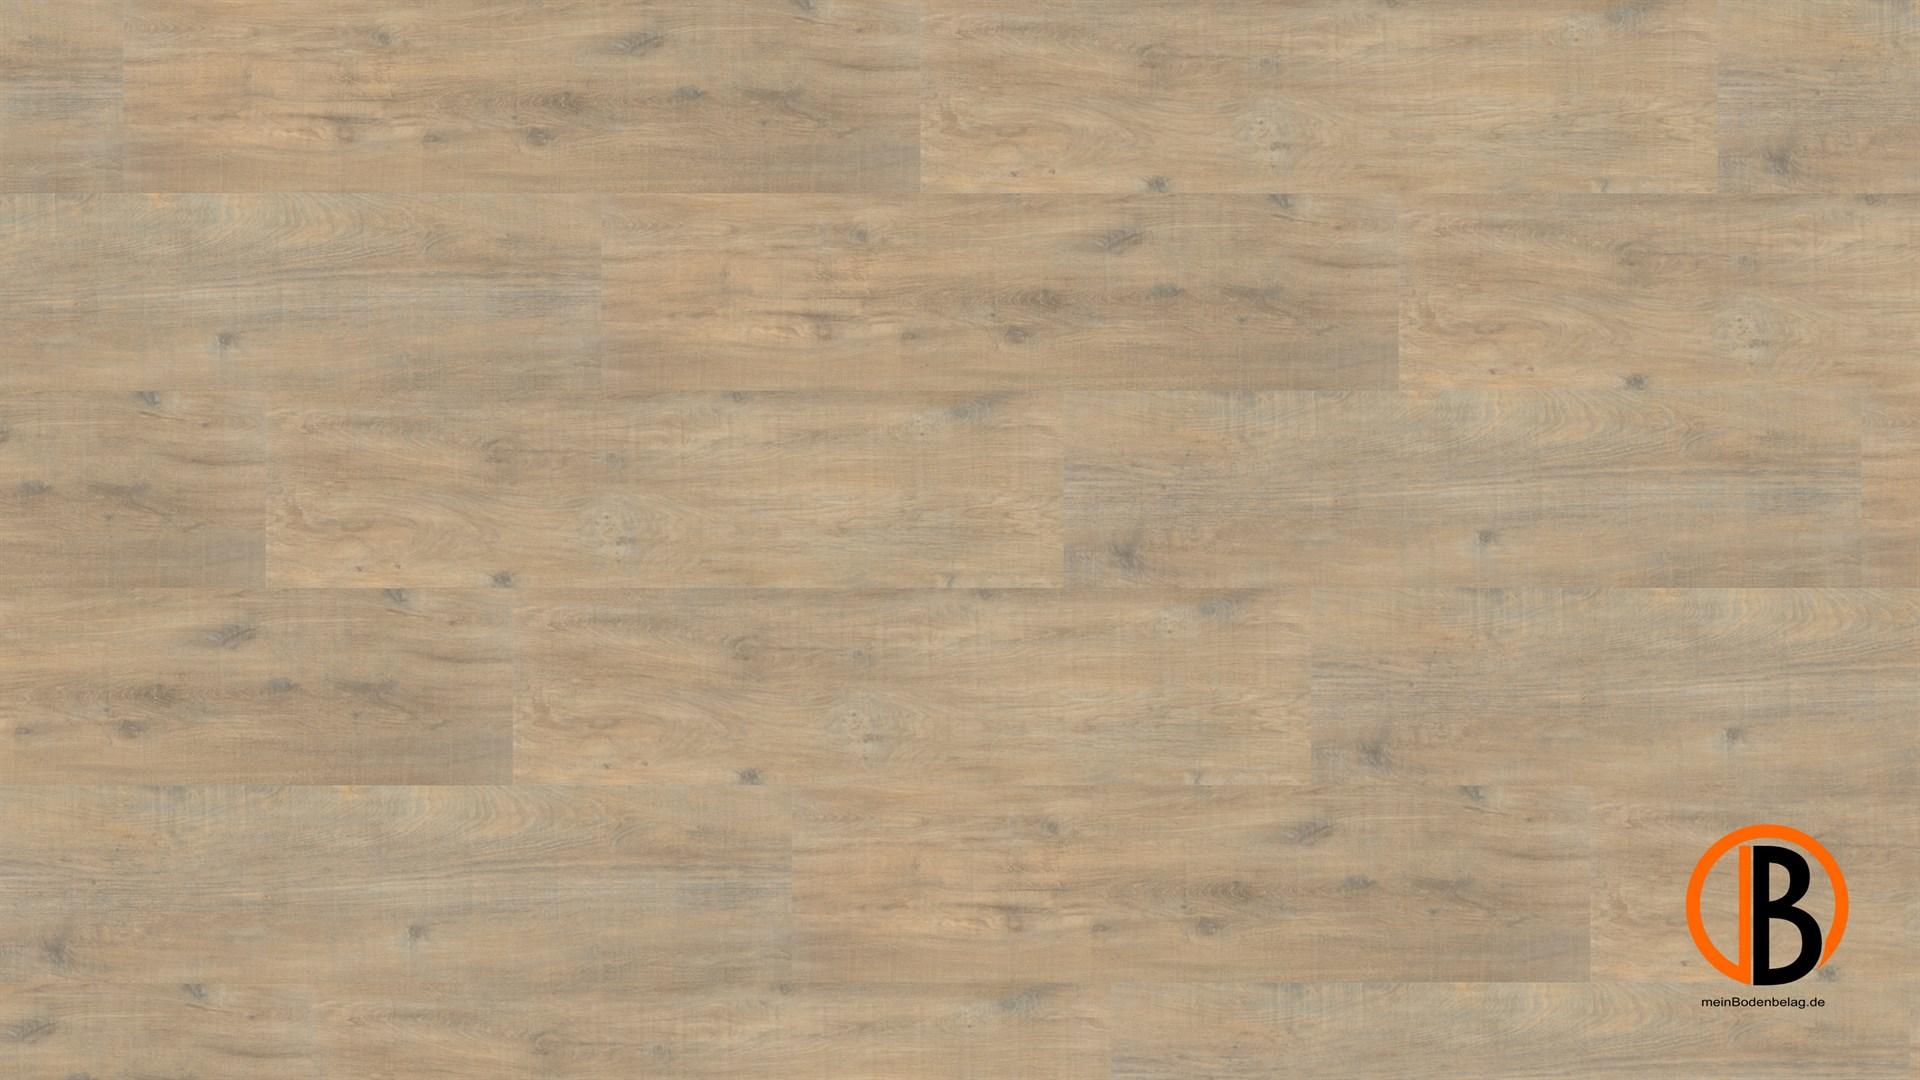 CINQUE KWG DESIGNERVINYL ANTIGUA PROFESSIONAL SHEETS | 10000316;0 | Bild 1